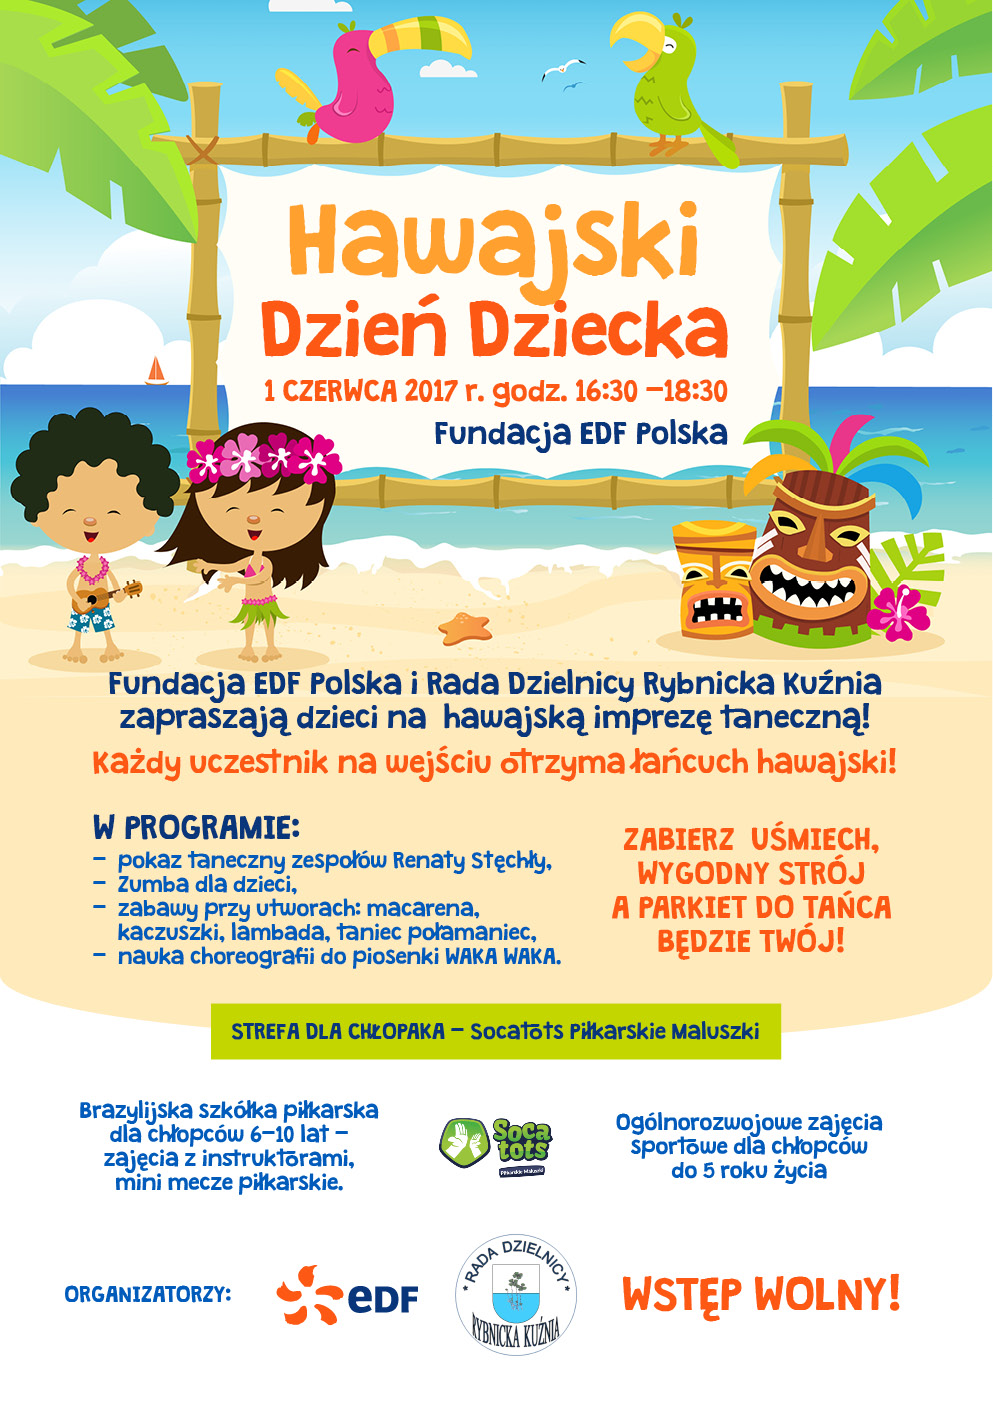 hawajski-dzien-dziecka_0424_RGB_2